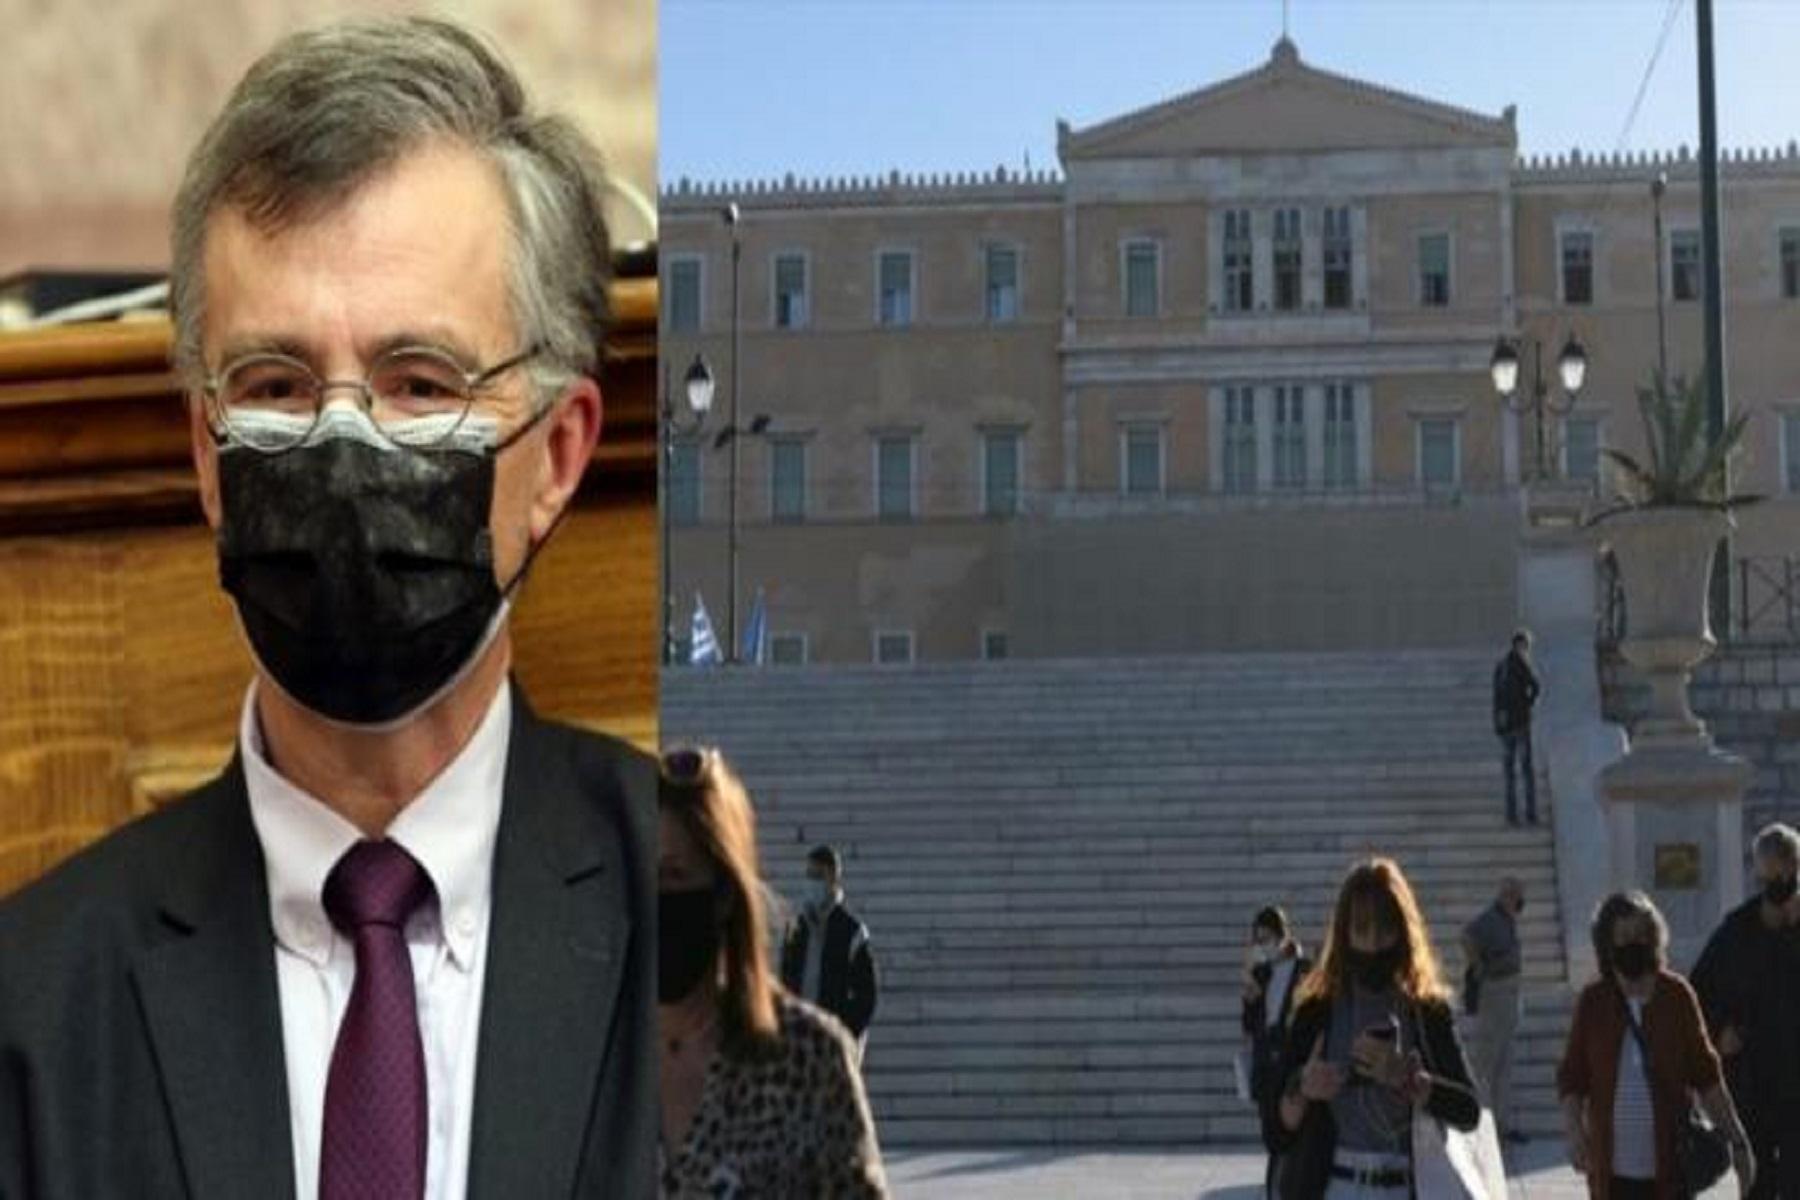 Τσιόδρας Βουλή: Αυστηρή προειδοποίηση τήρησης των μέτρων προστασίας και επαγρύπνησης